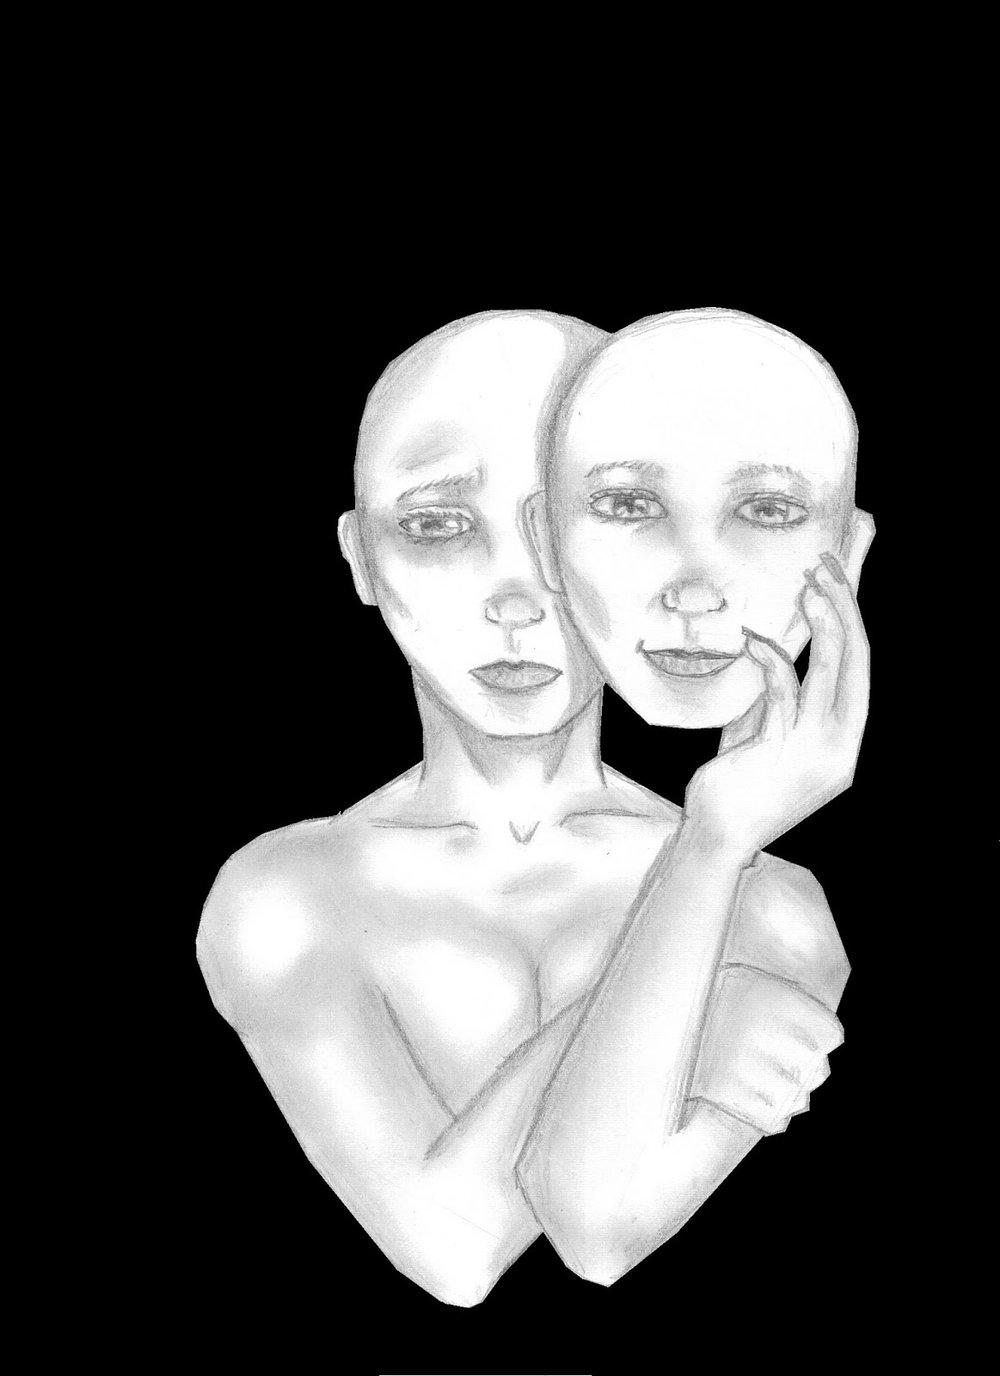 9479c-depression_by_kirsten88888888.jpg